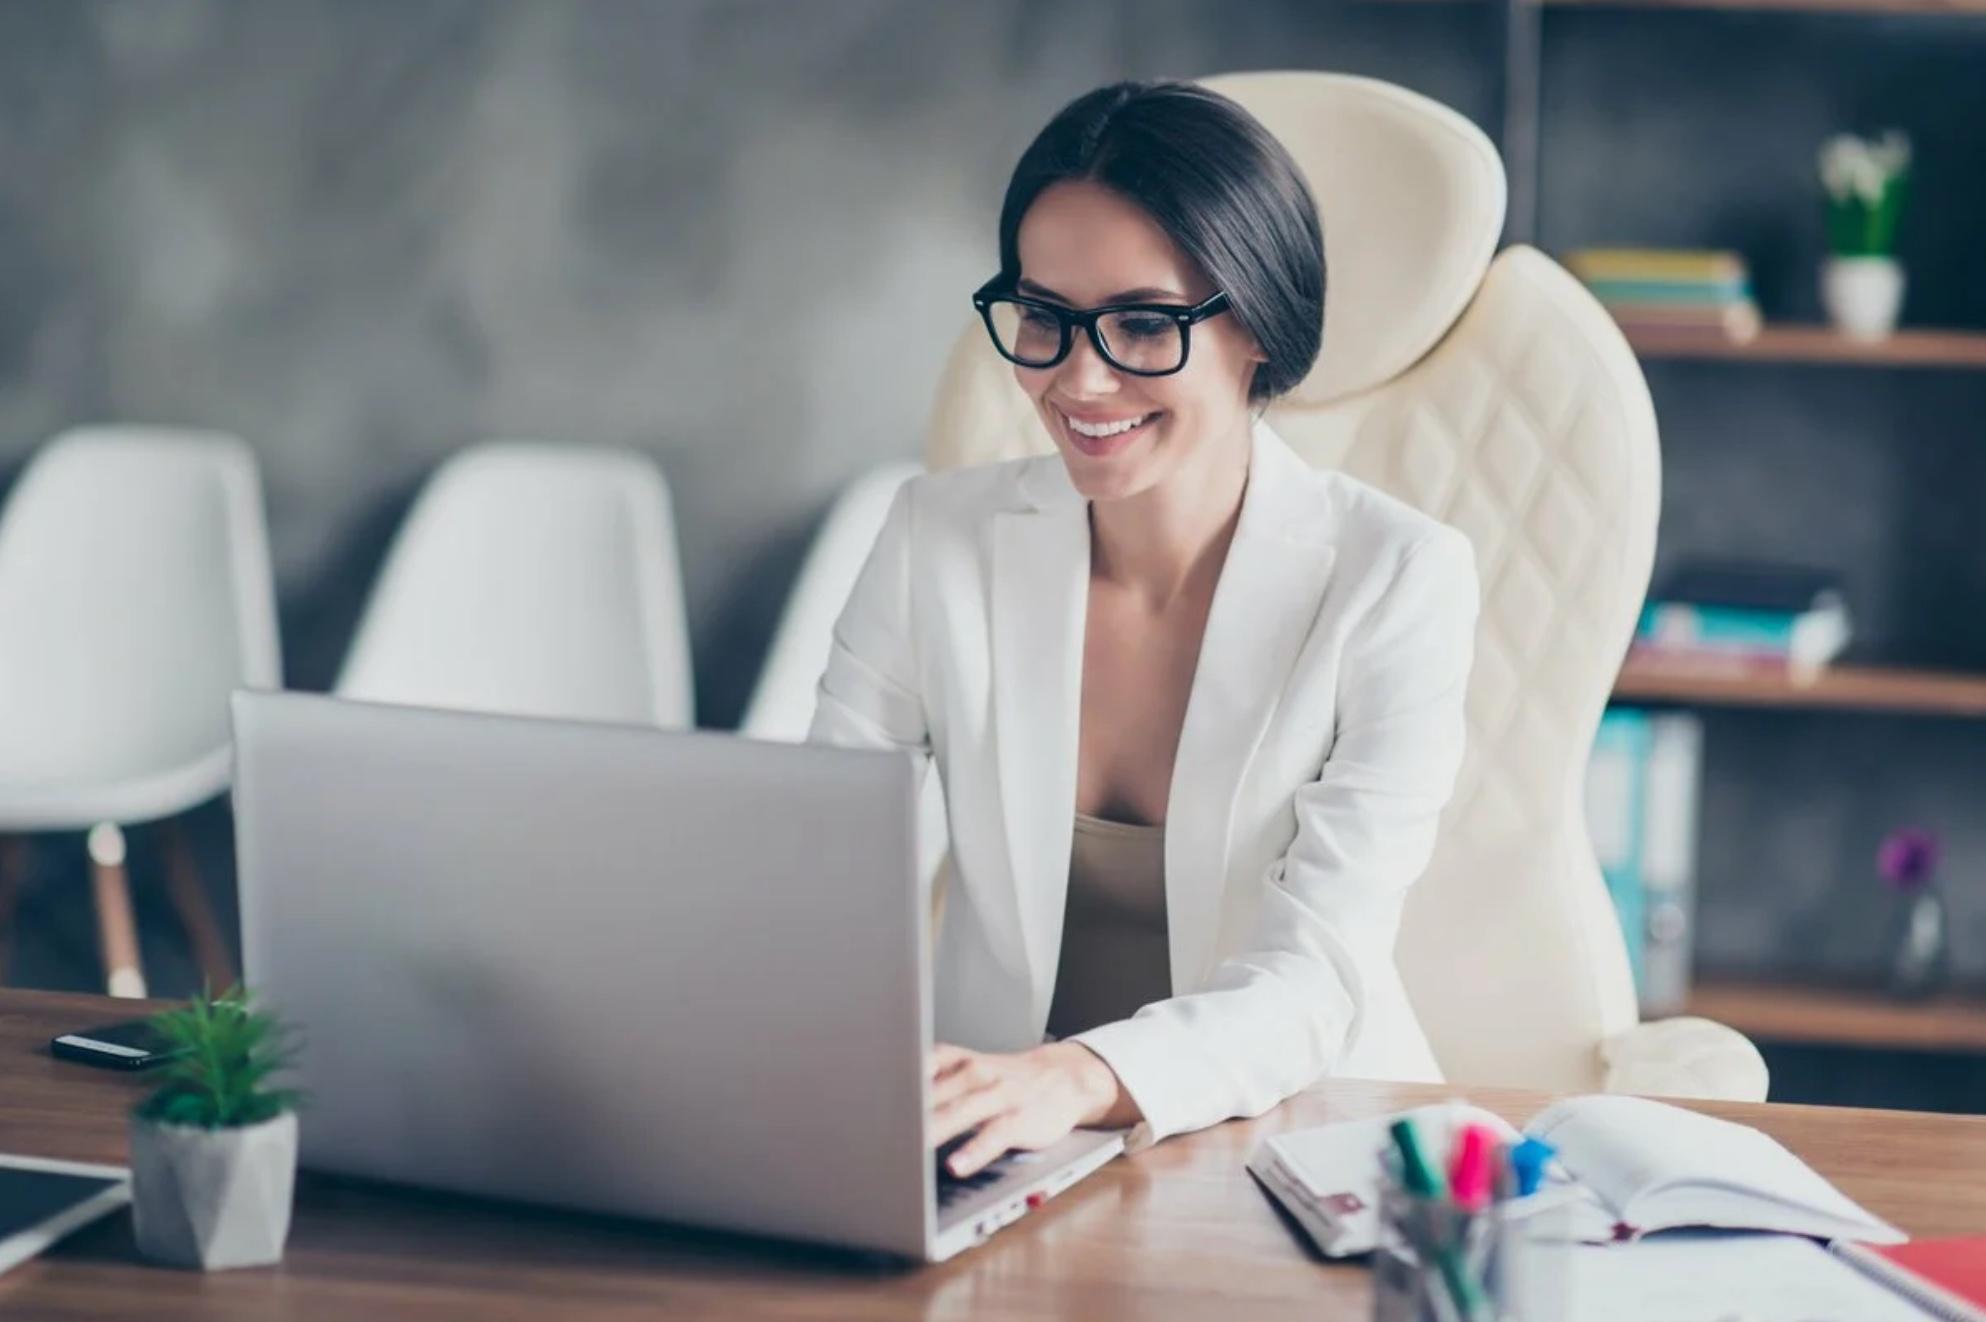 В каких случаях может происходить отмена страховых взносов для женщин – индивидуальных предпринимателей